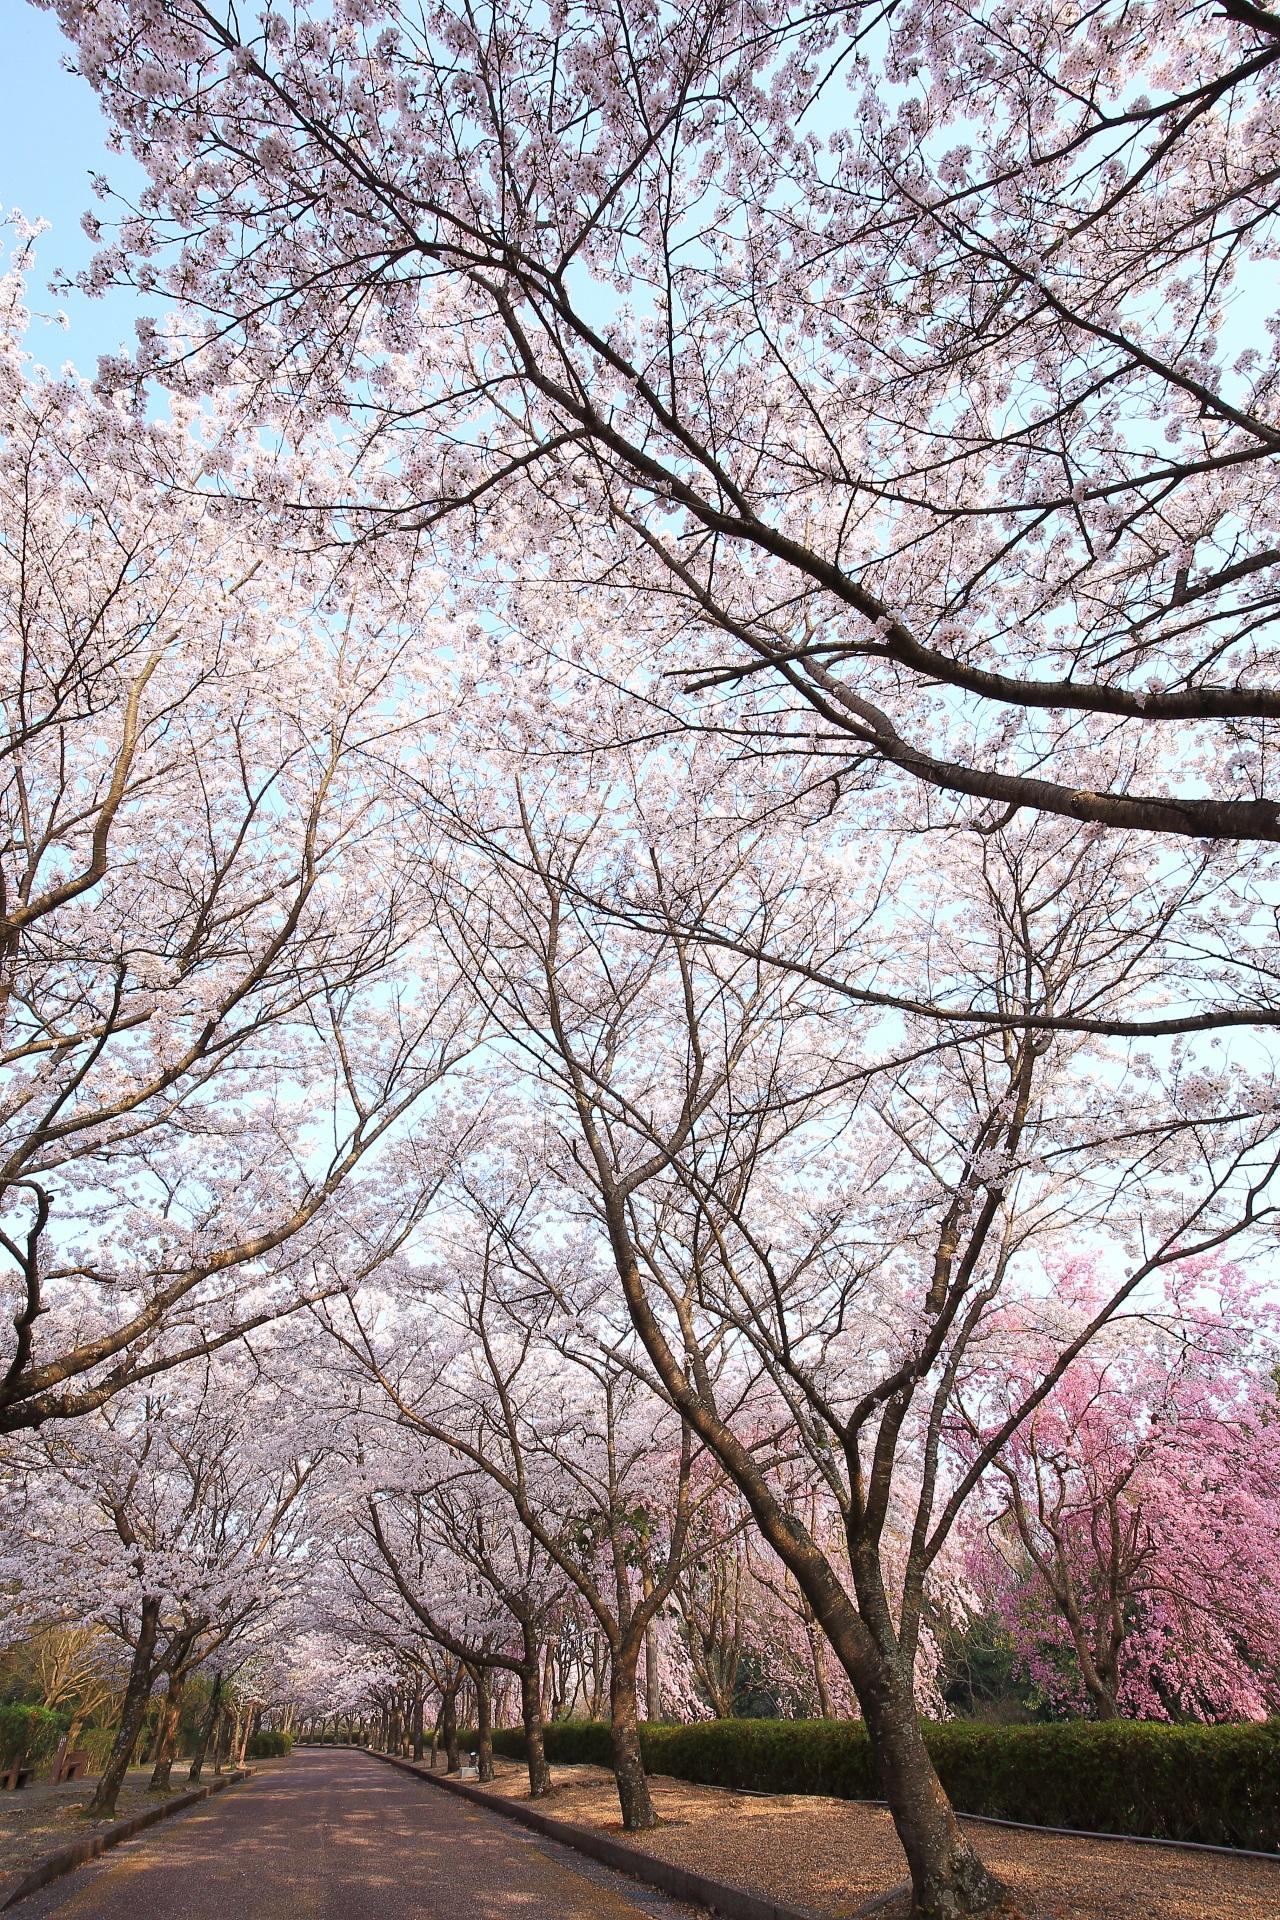 和らぎの道の圧巻の桜の天井